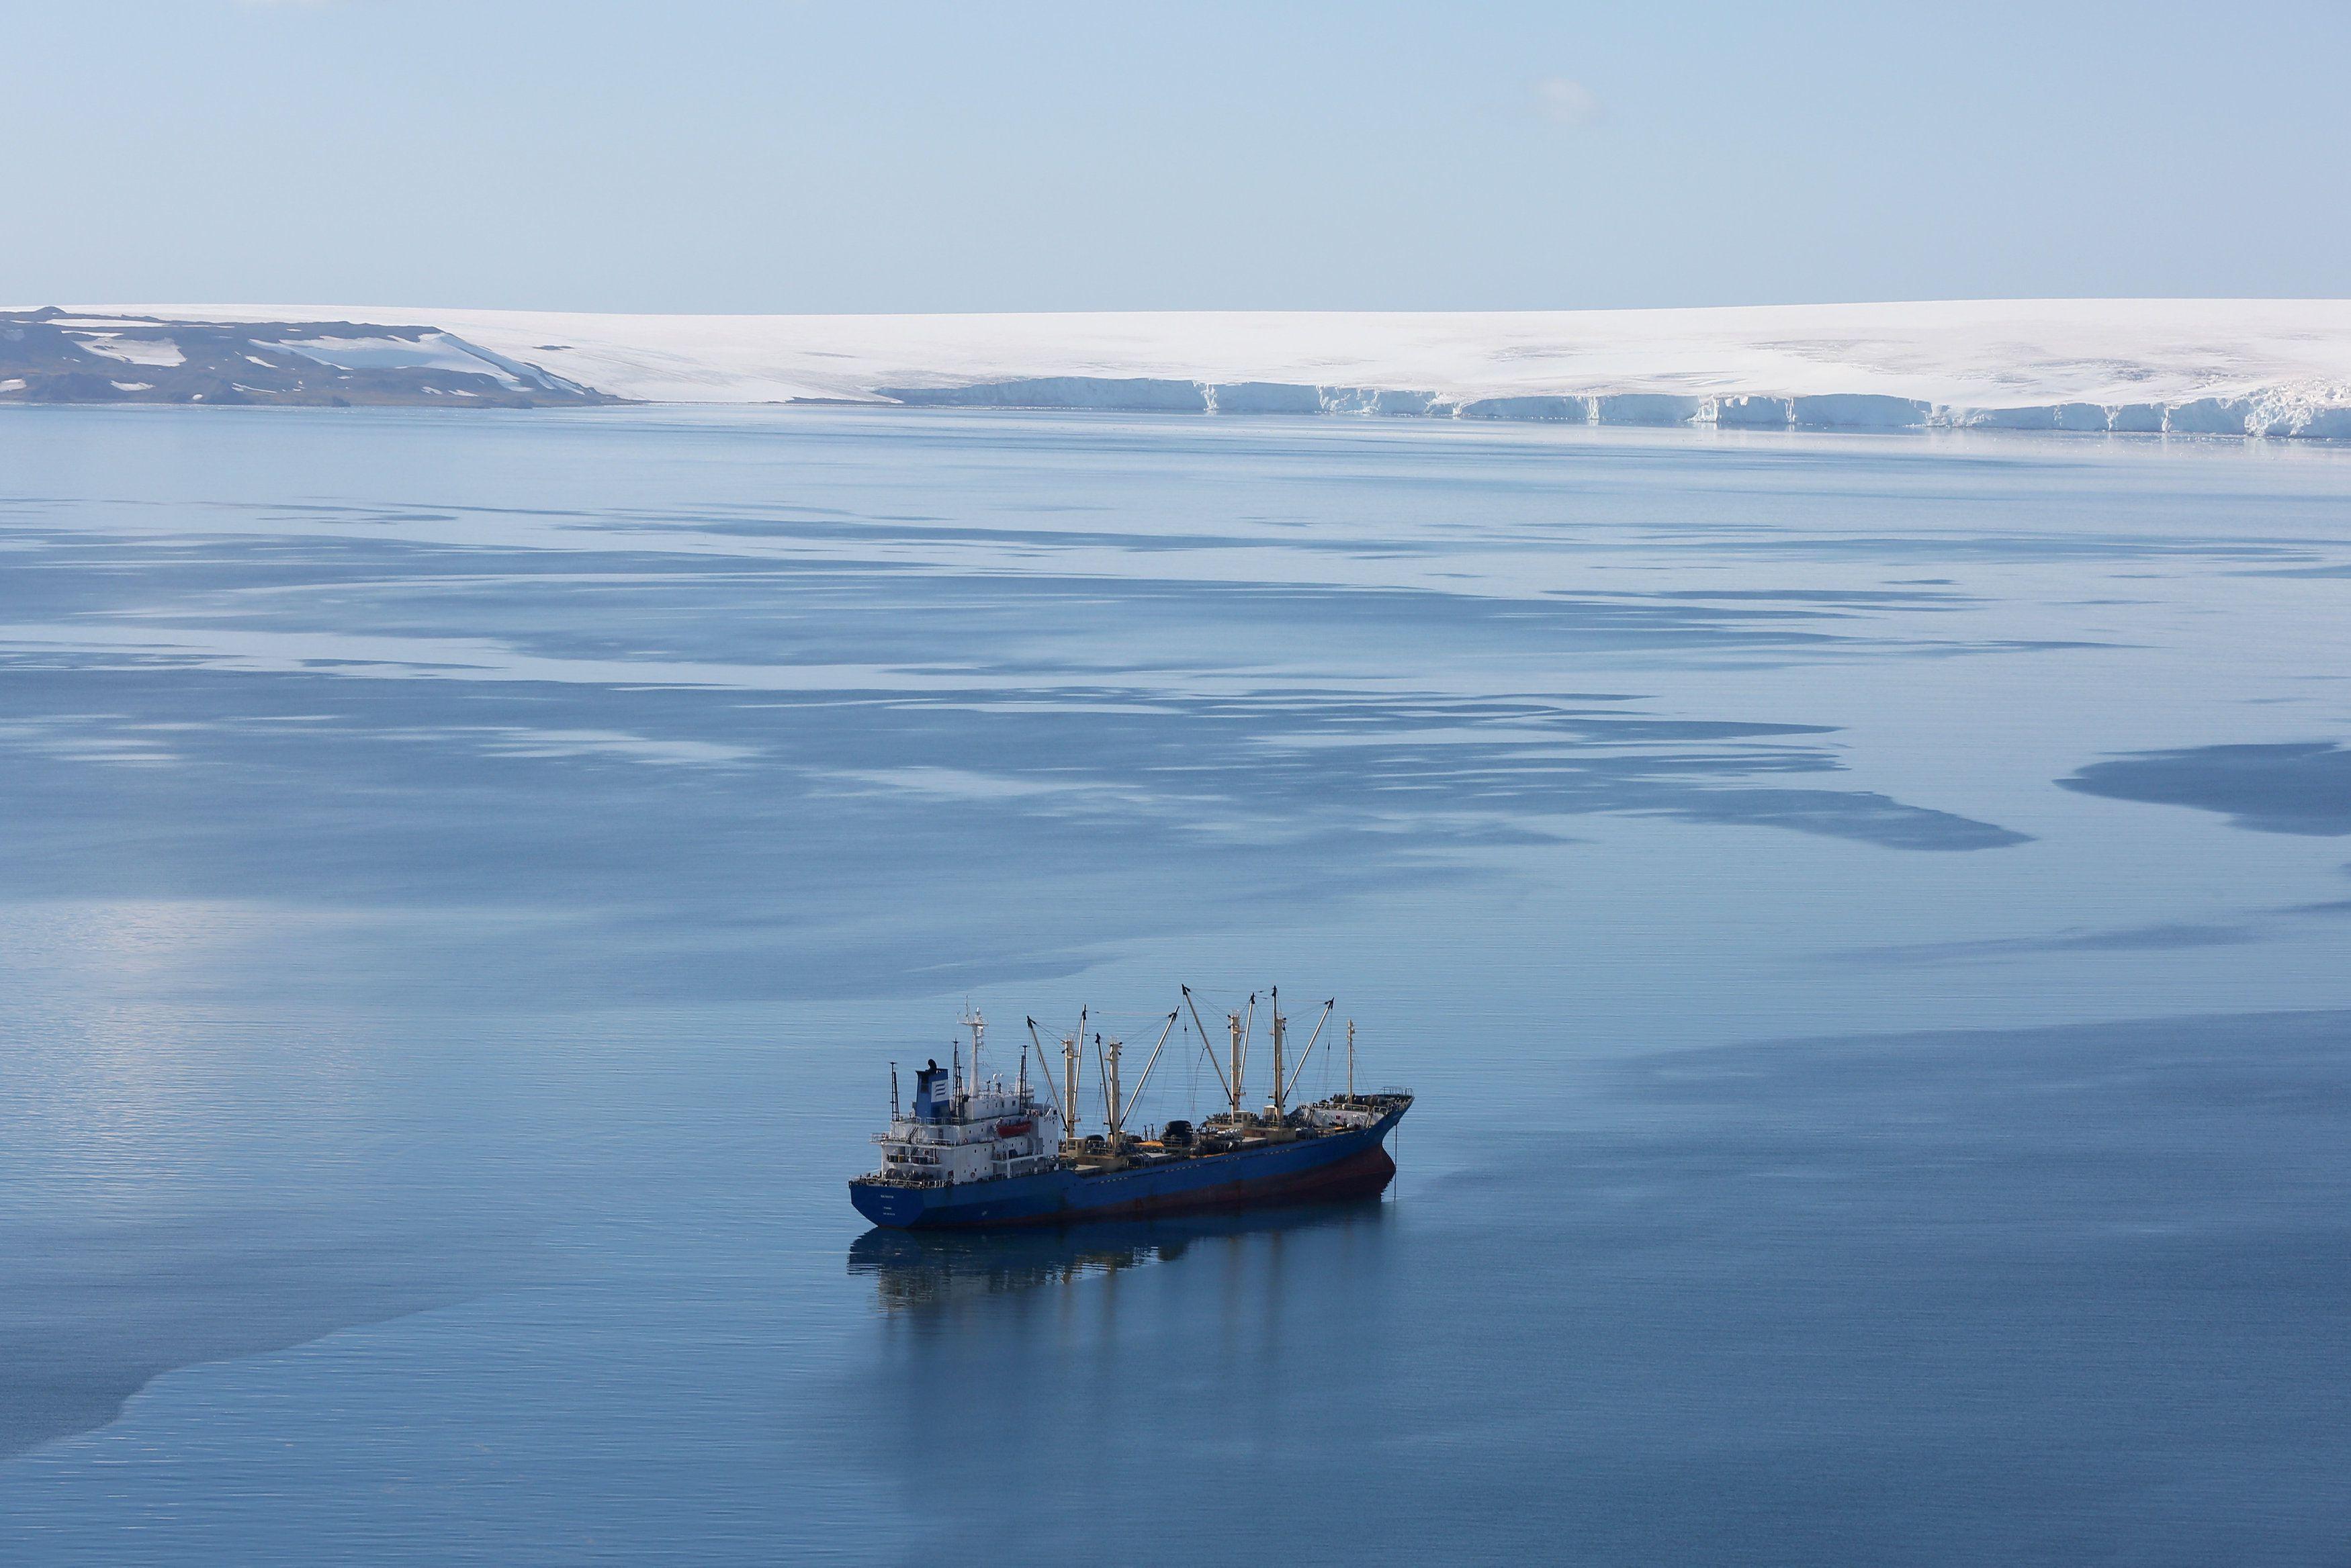 las pesquerías de krill en el Océano Austral han estado creciendo durante décadas para satisfacer la creciente demanda de suplementos dietéticos Omega-3 y harina de pescado (REUTERS/Alexandre Meneghini/File Photo)